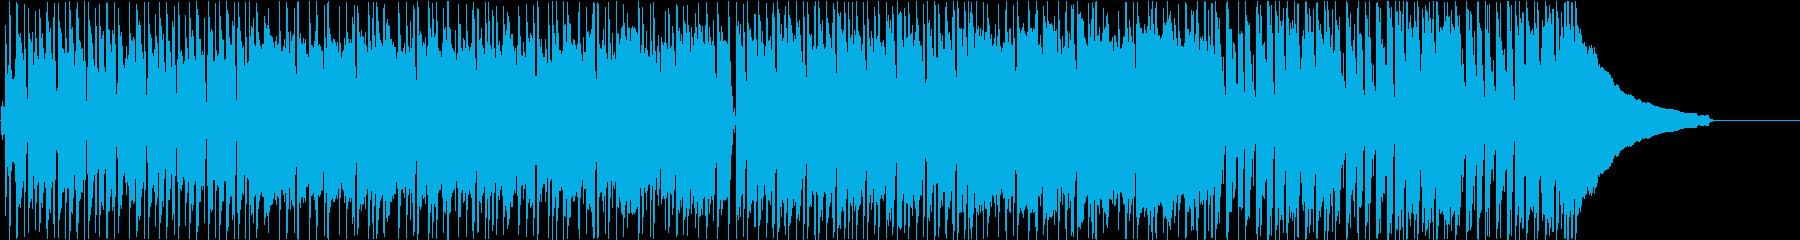 元気で勢いのあるポップロックの再生済みの波形